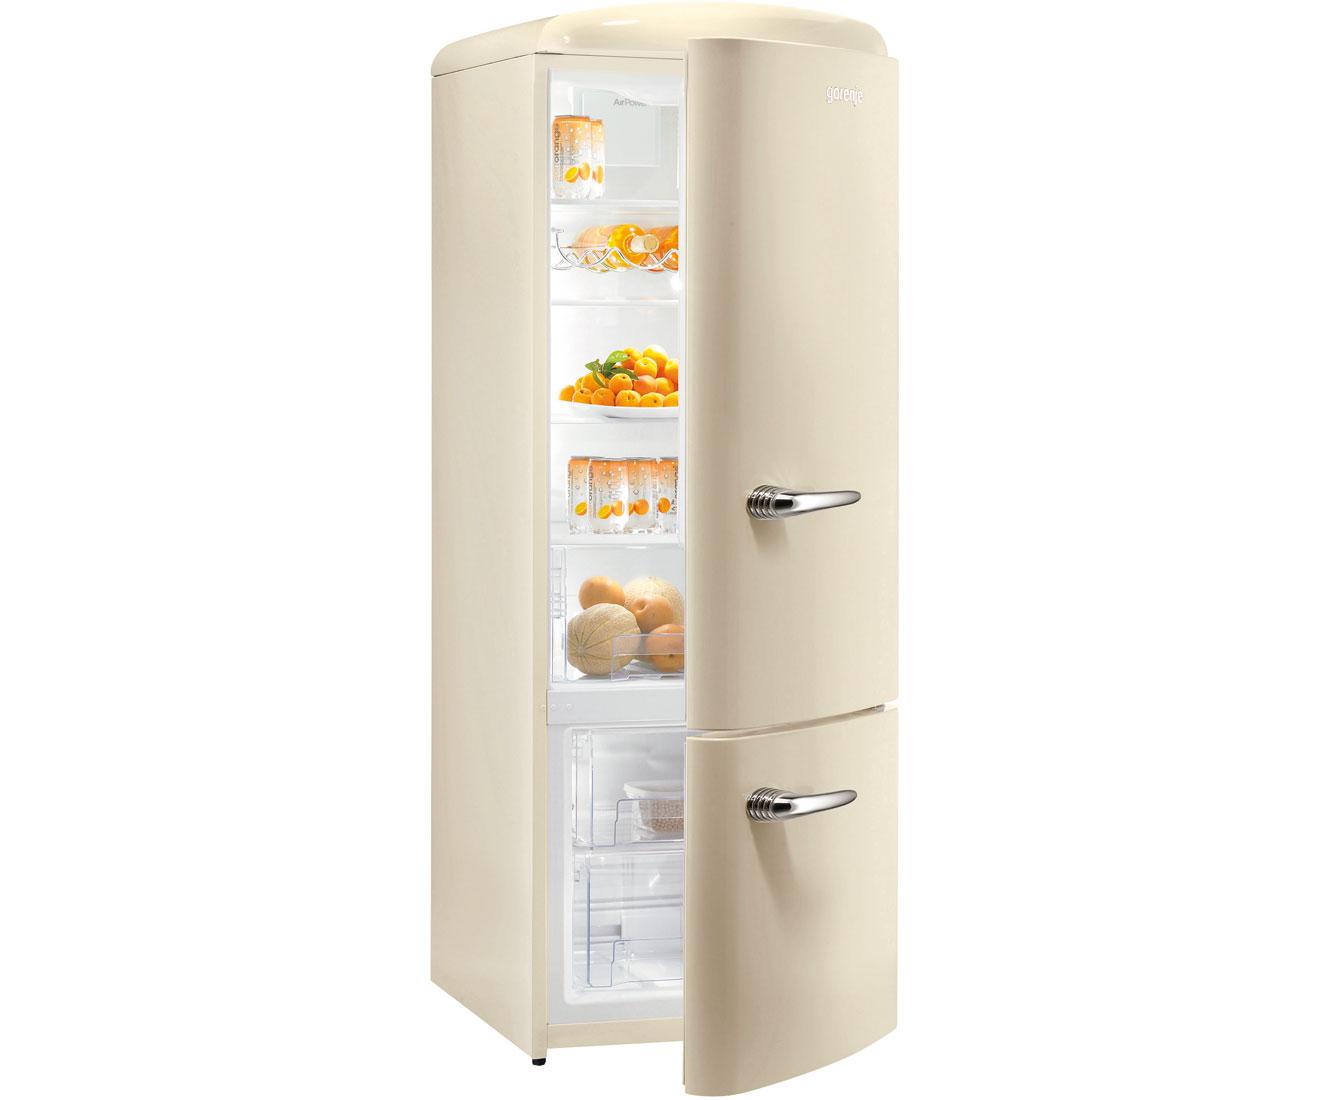 Gorenje Kühlschrank Ersatzteile : Ersatzteile gorenje kühl gefrierkombination ersatzteile